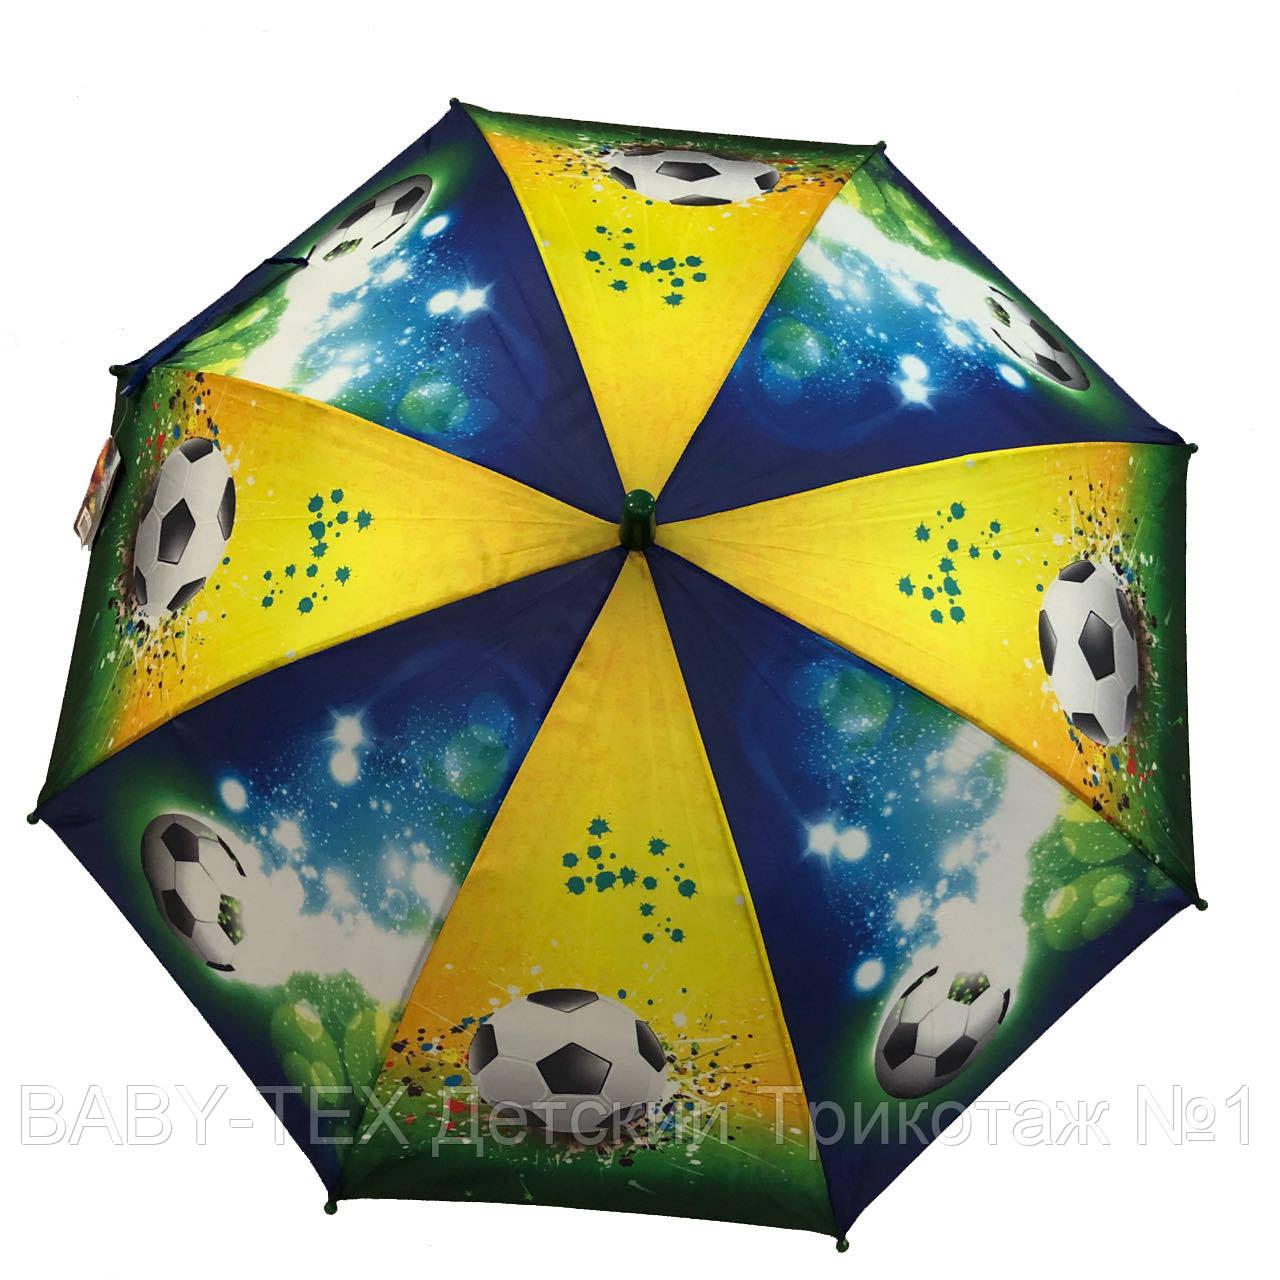 Детский зонт Футбол